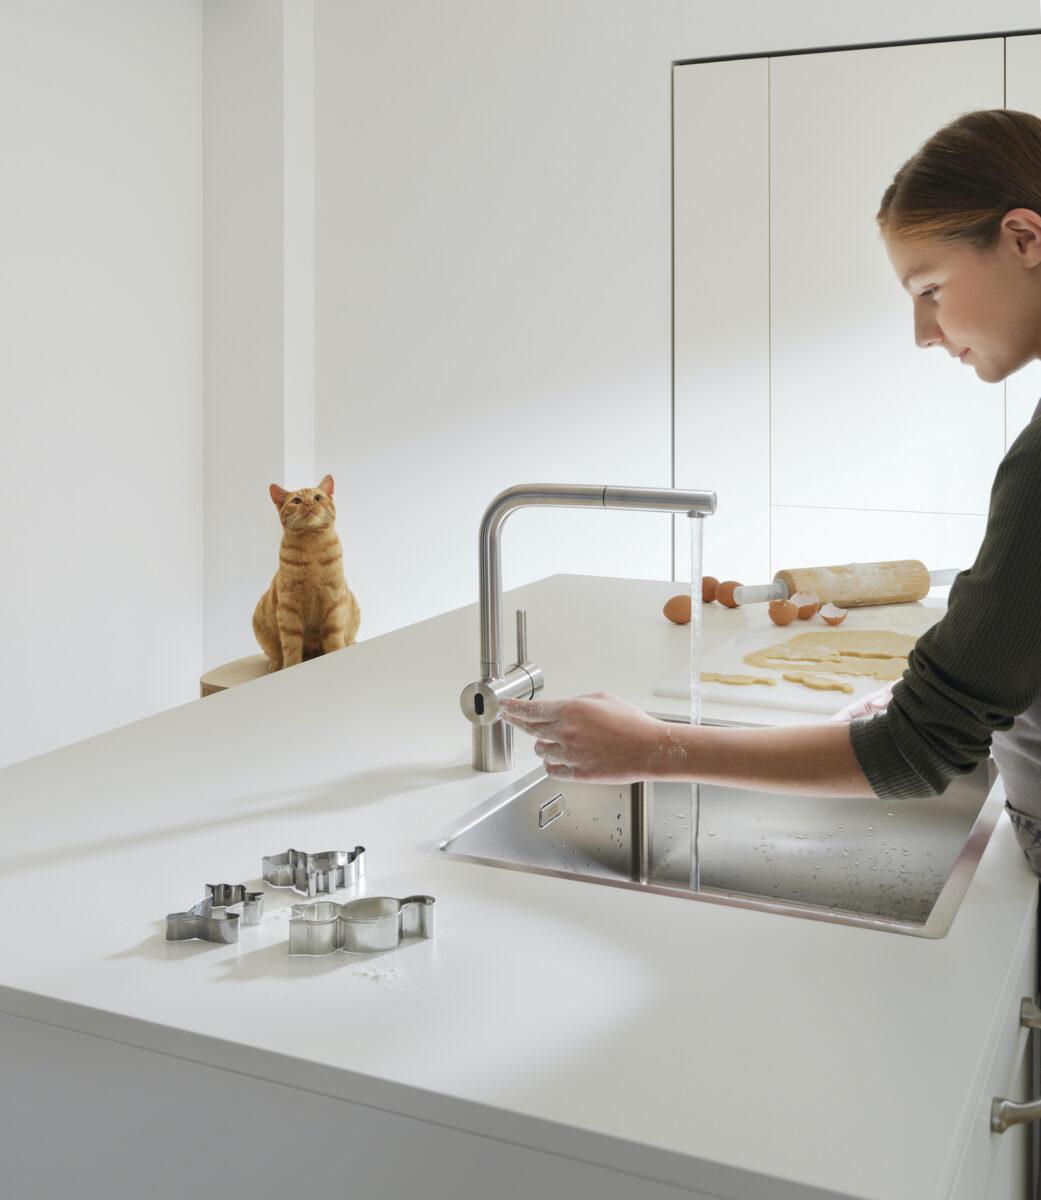 Einfaches Händewaschen auch nach dem Kekse backen - mit der Neo Atlas Senso von Franke bleibt die Armatur selbst dann sauber. Foto: Franke GmbH